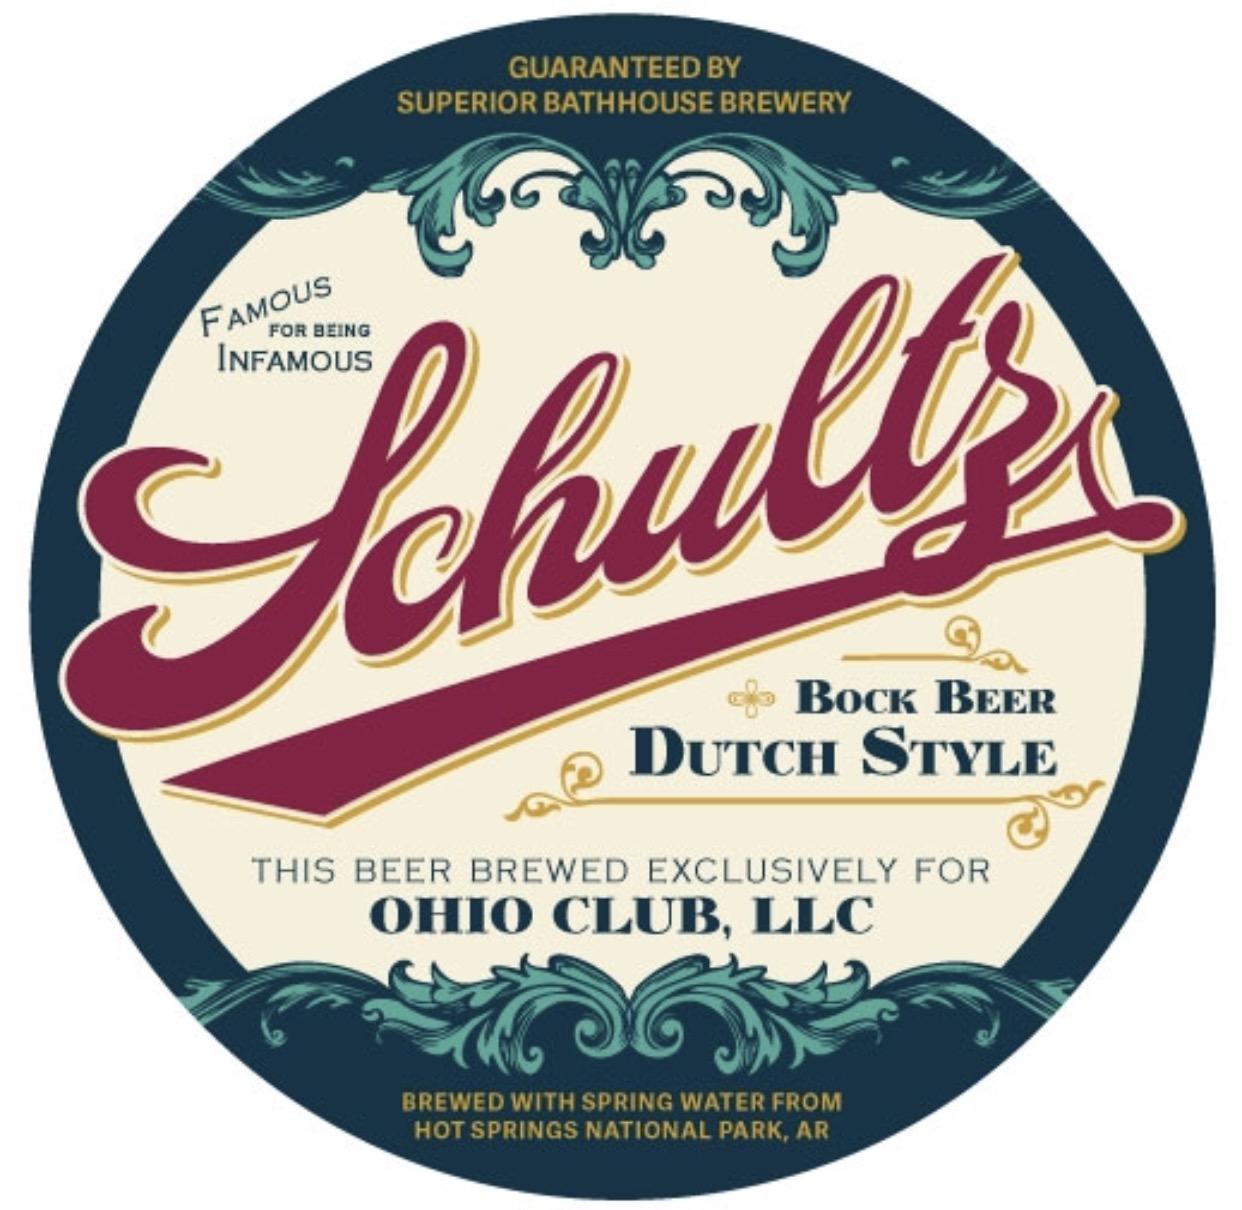 Ohio Club house beer, Schultz Bock